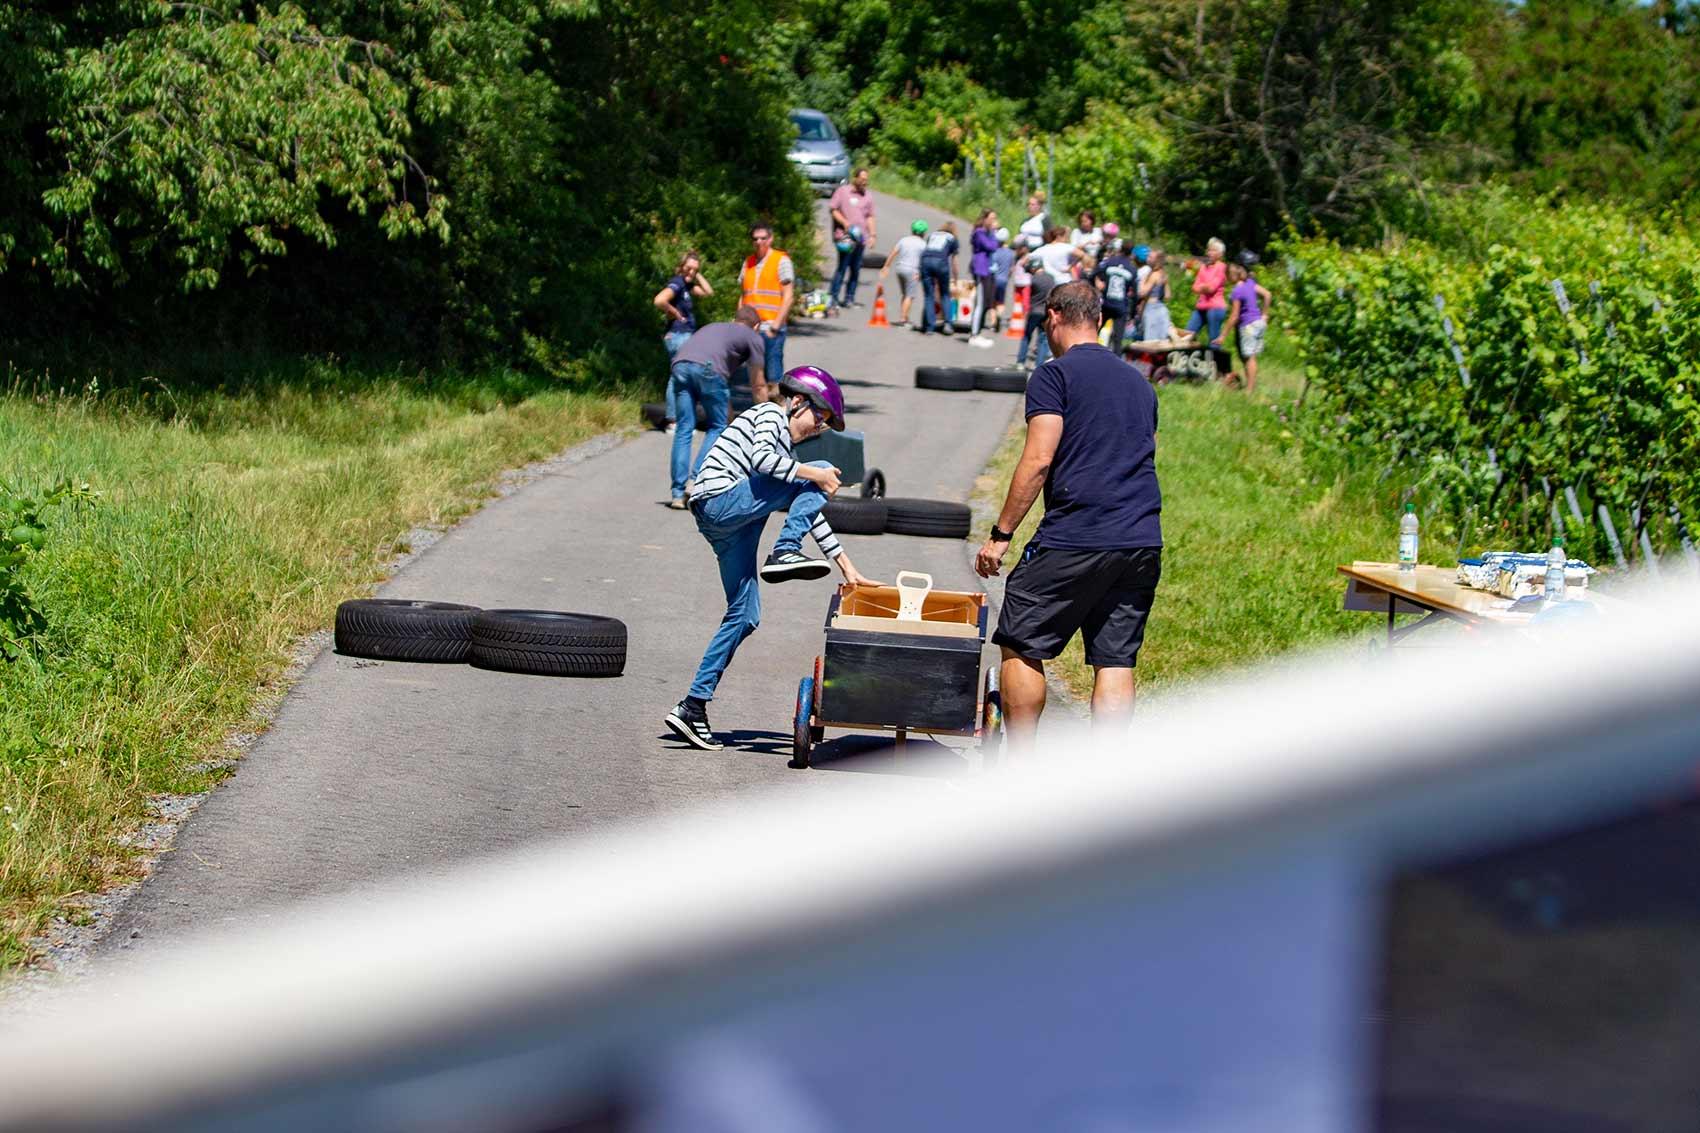 Seifenkistentag / Seifenkistenrennen der WJ Wirtschaftsjunioren Karlsruhe für Kinder aus dem St. Antonius-Kinderheim organisiert vom AKTU Arbeitskreis Technik und Umwelt unterstützt durch den WJ Smile soziales Engagement für Kinder